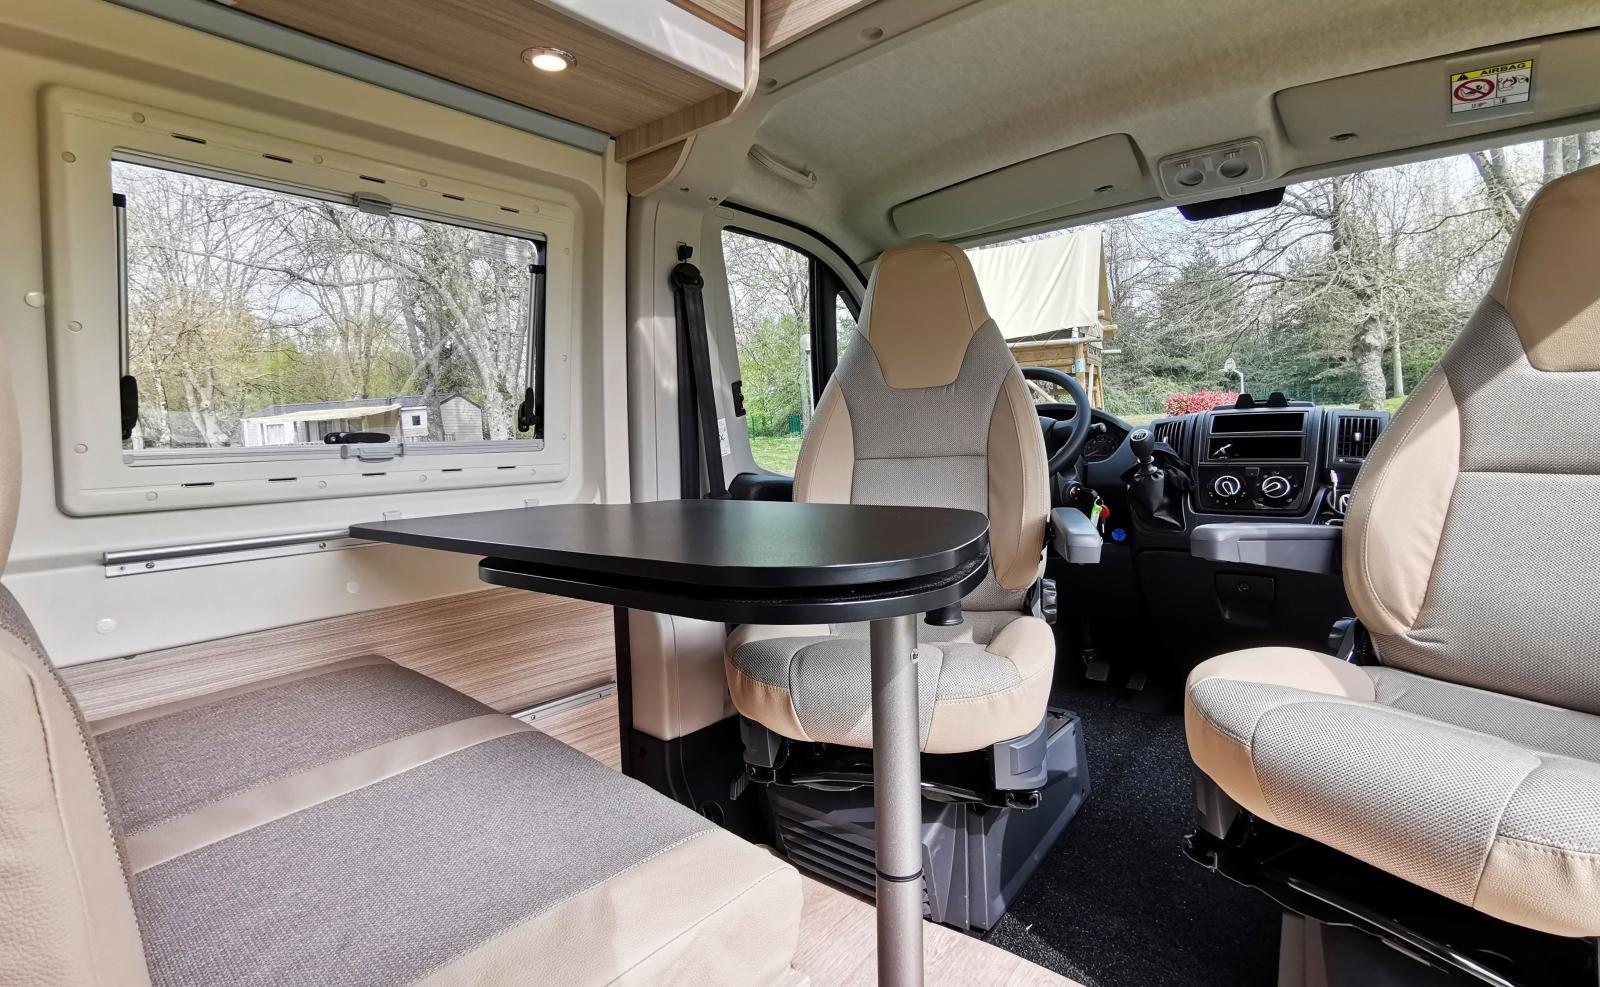 Matbordet har en svart laminatskiva som bryter av och ger en snygg kontrast gentemot den i övrigt ljusa möbleringen.